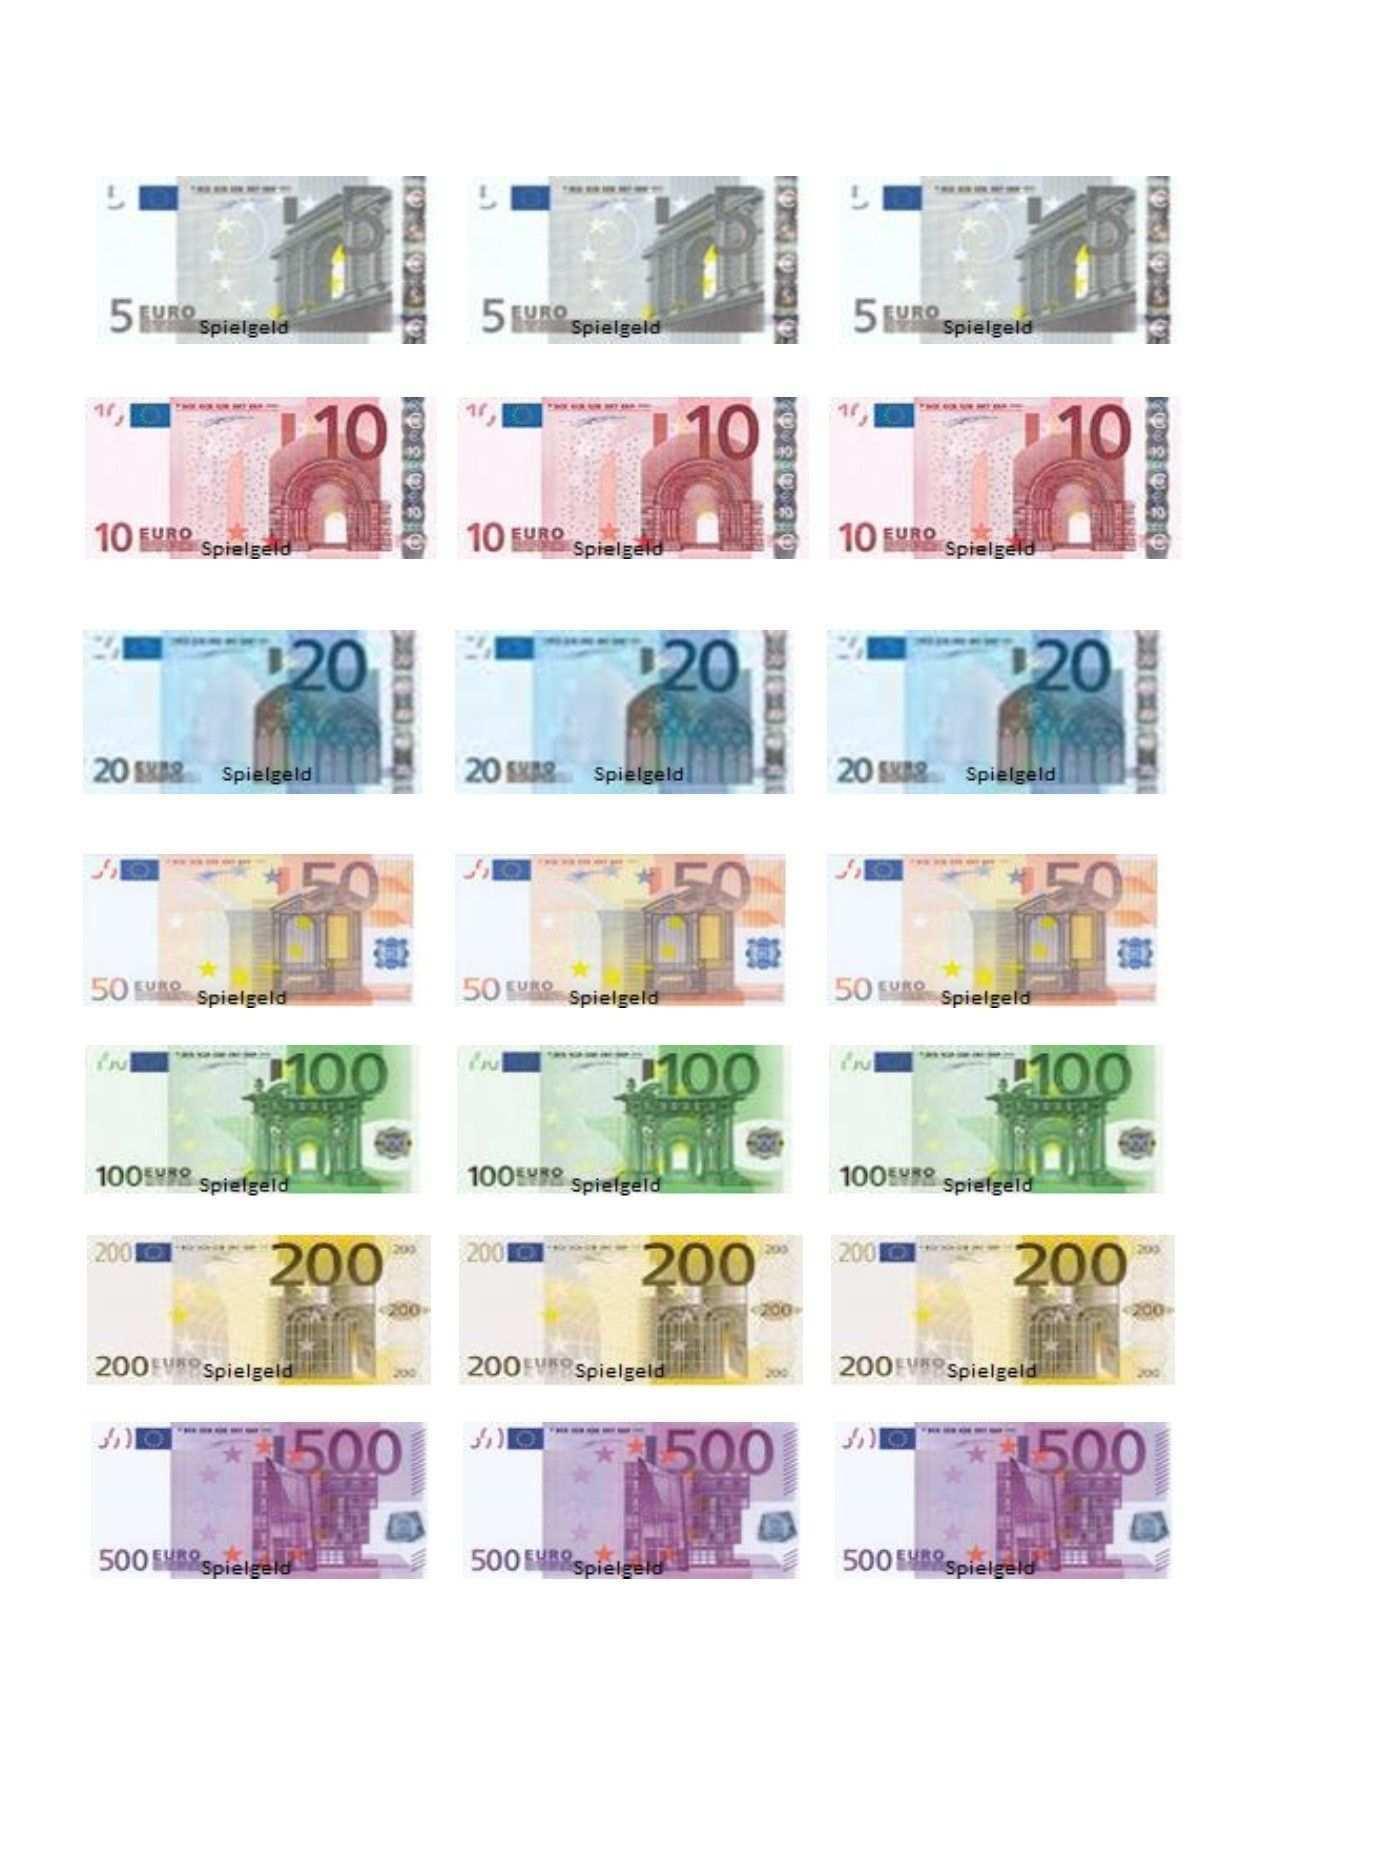 Farbung Malvorlagen Malvorlagenfurkinder Spielgeld Geld Euro Scheine